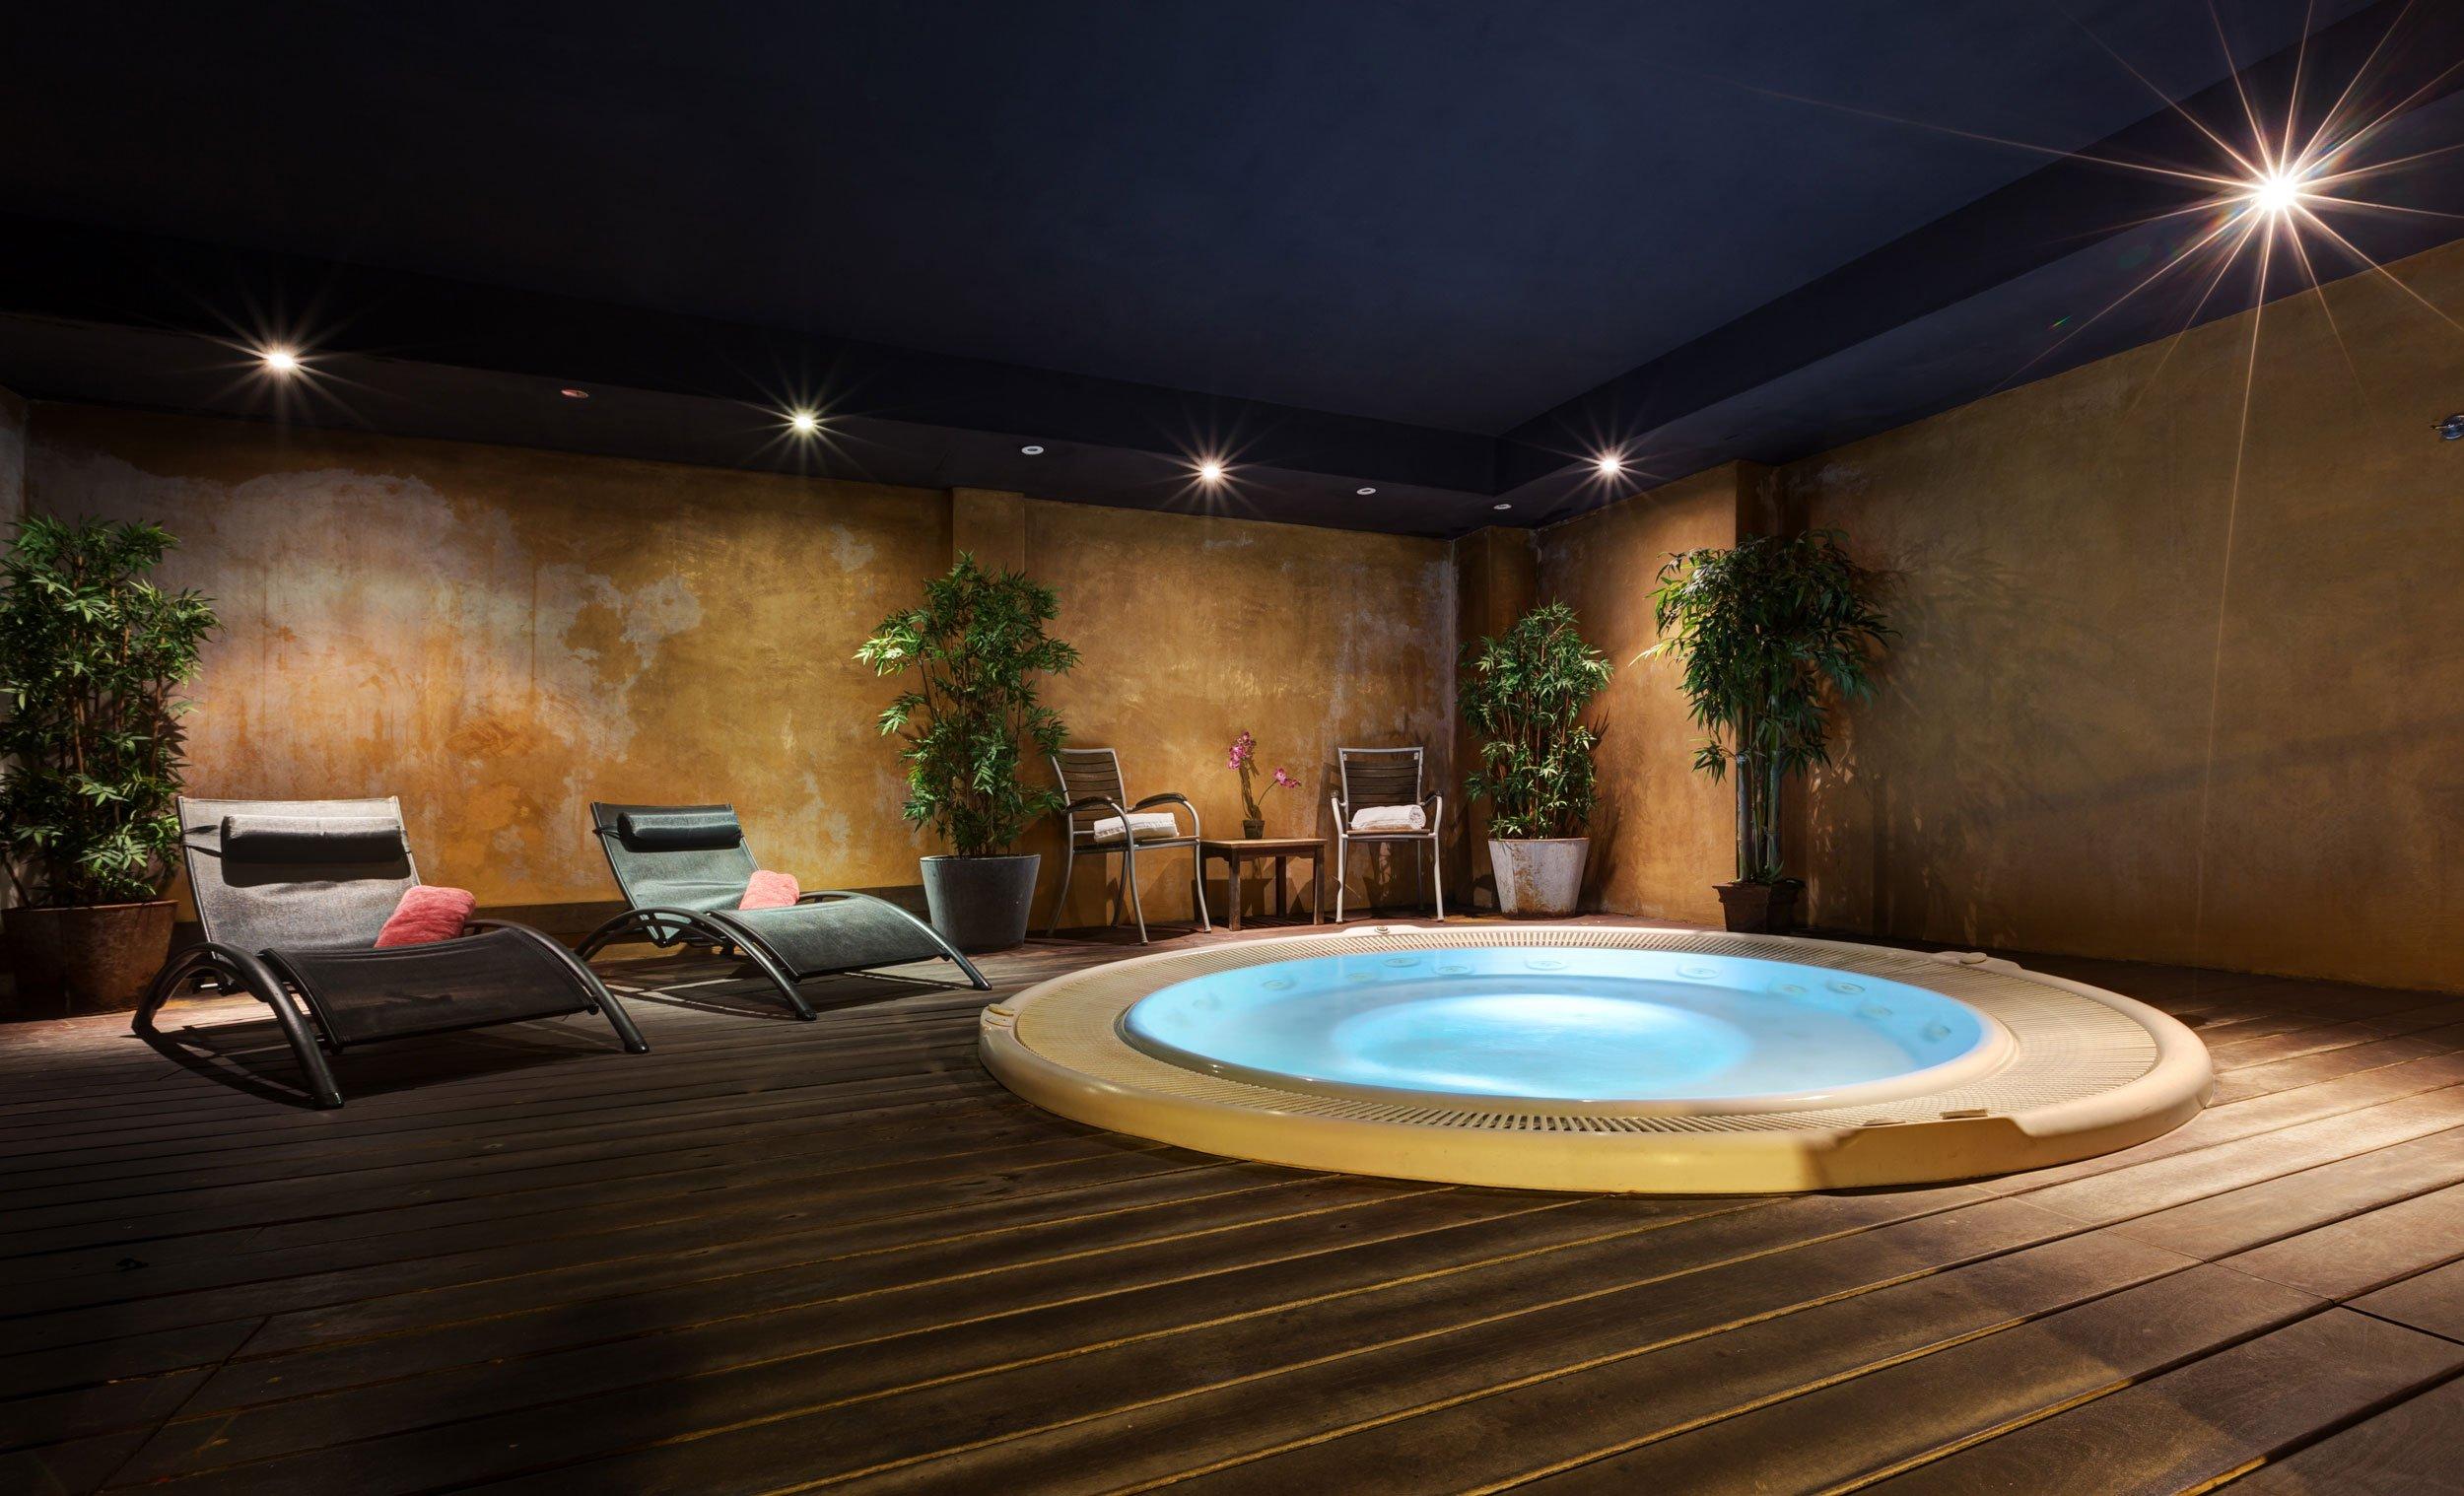 LGBT travel guide Barcelona - Acevi Villarroel Hotel